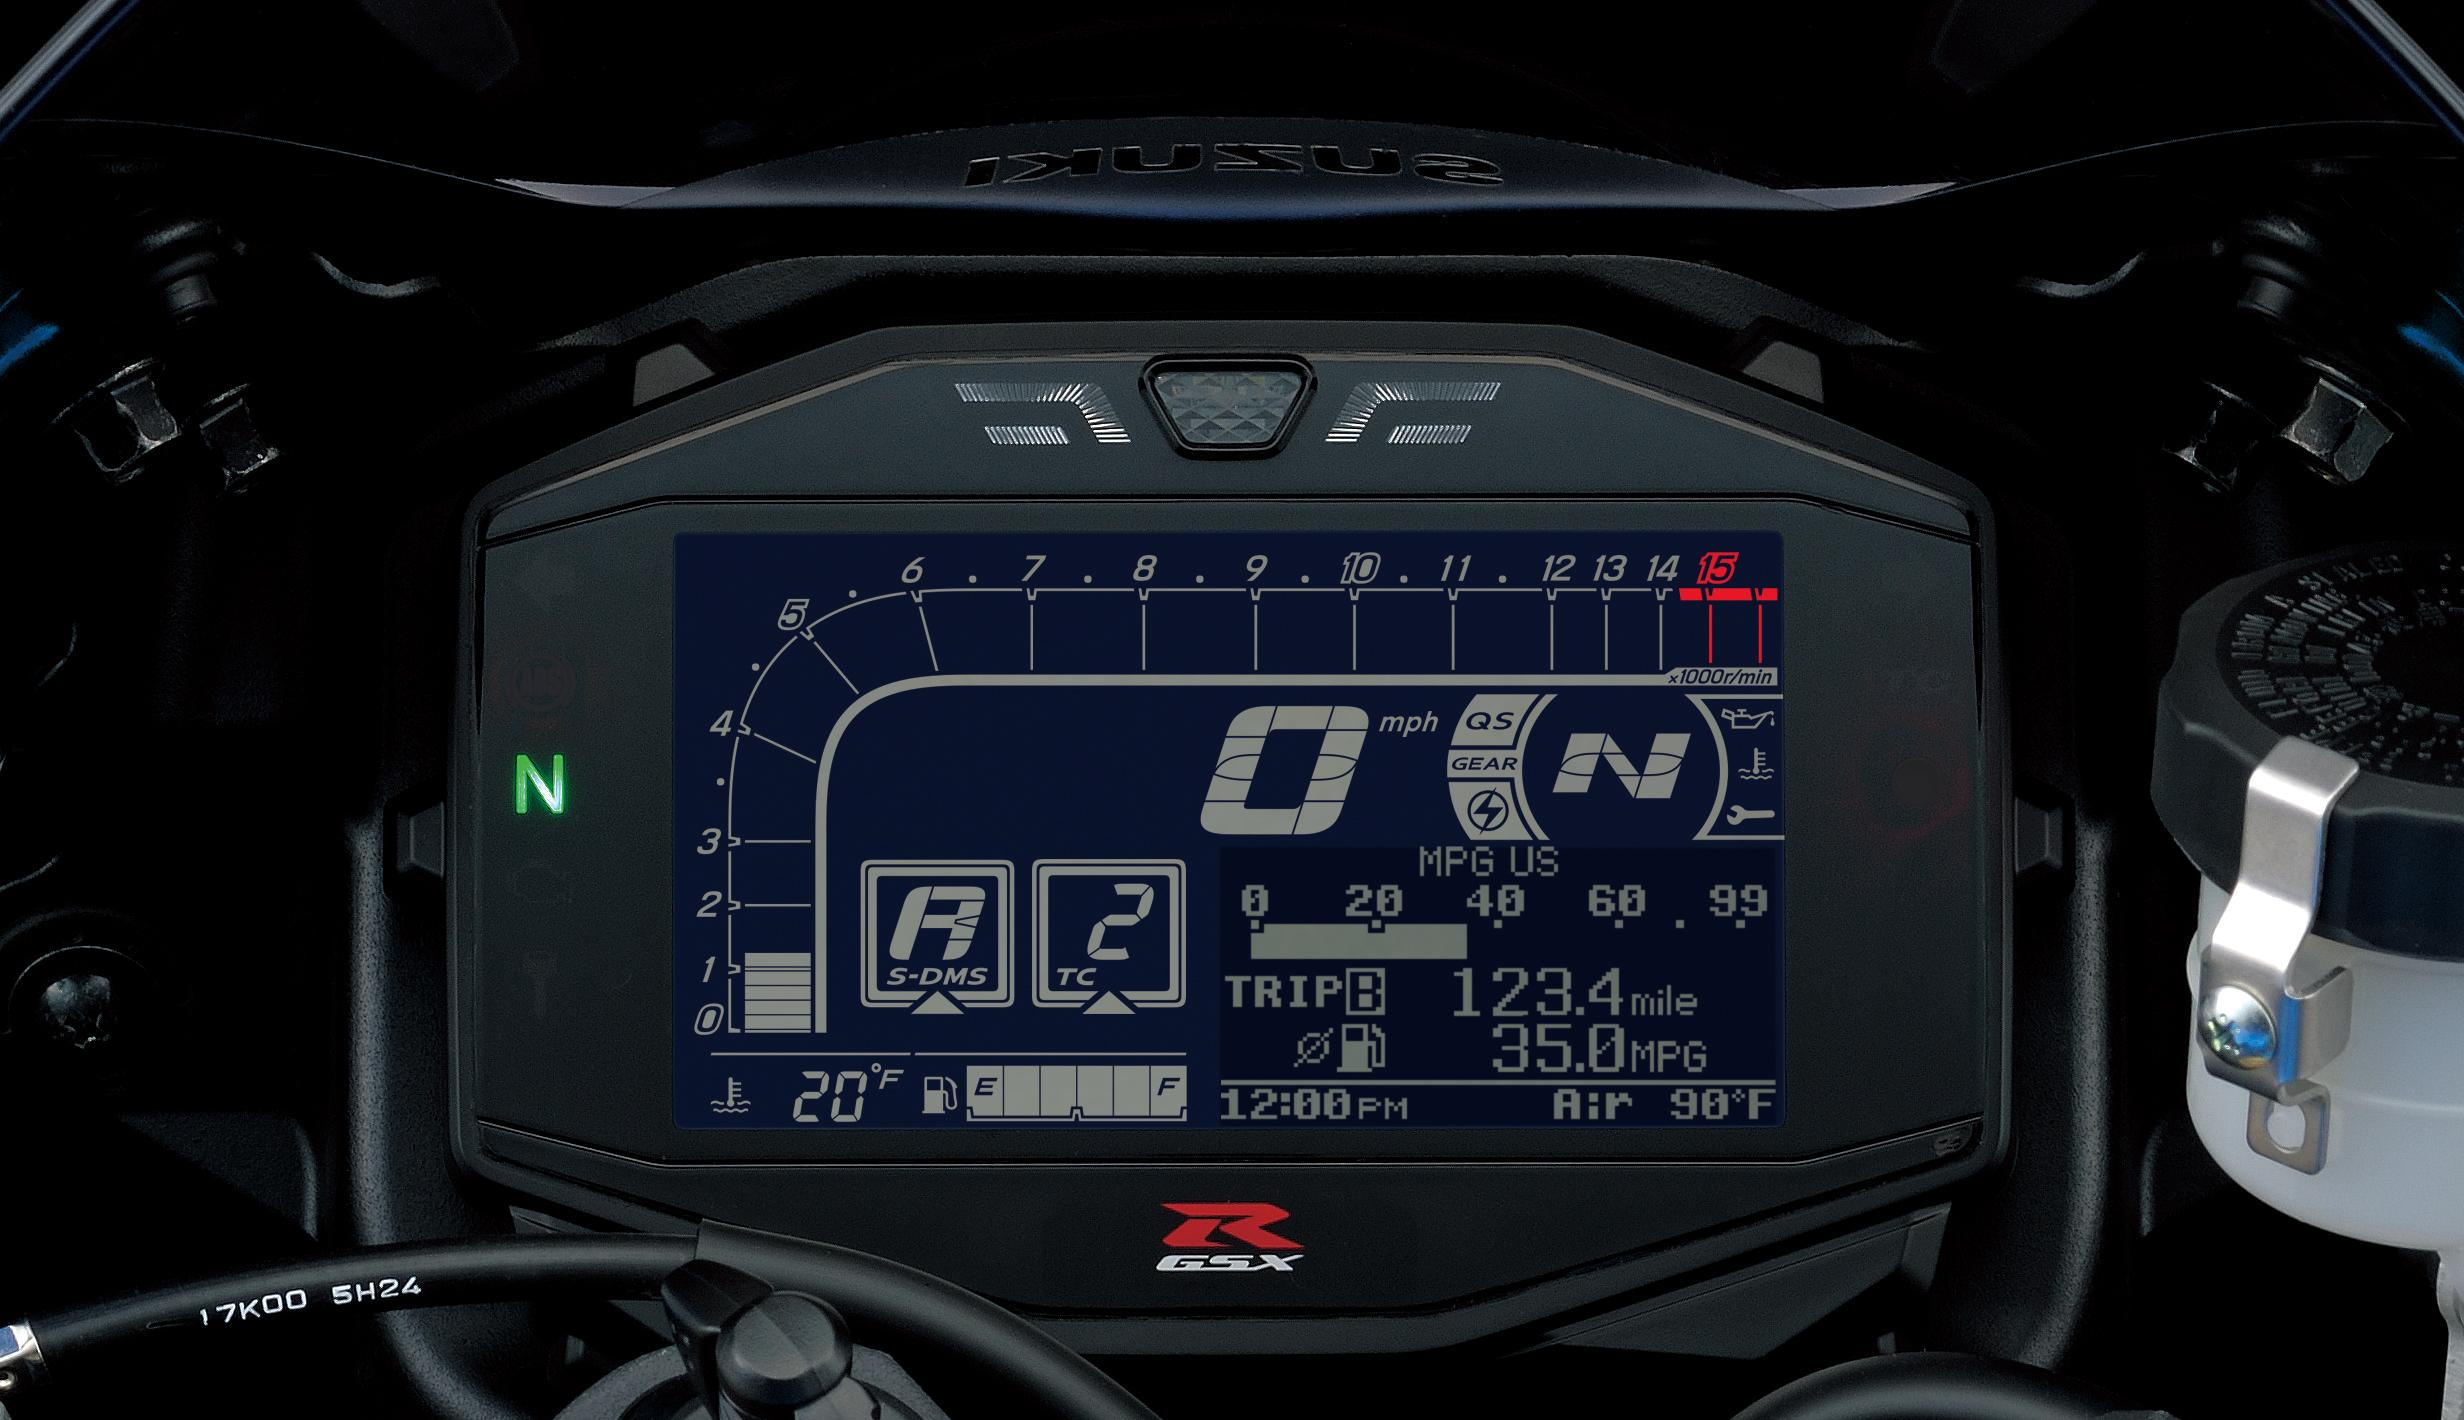 Finally - Suzuki's new GSX-R1000!